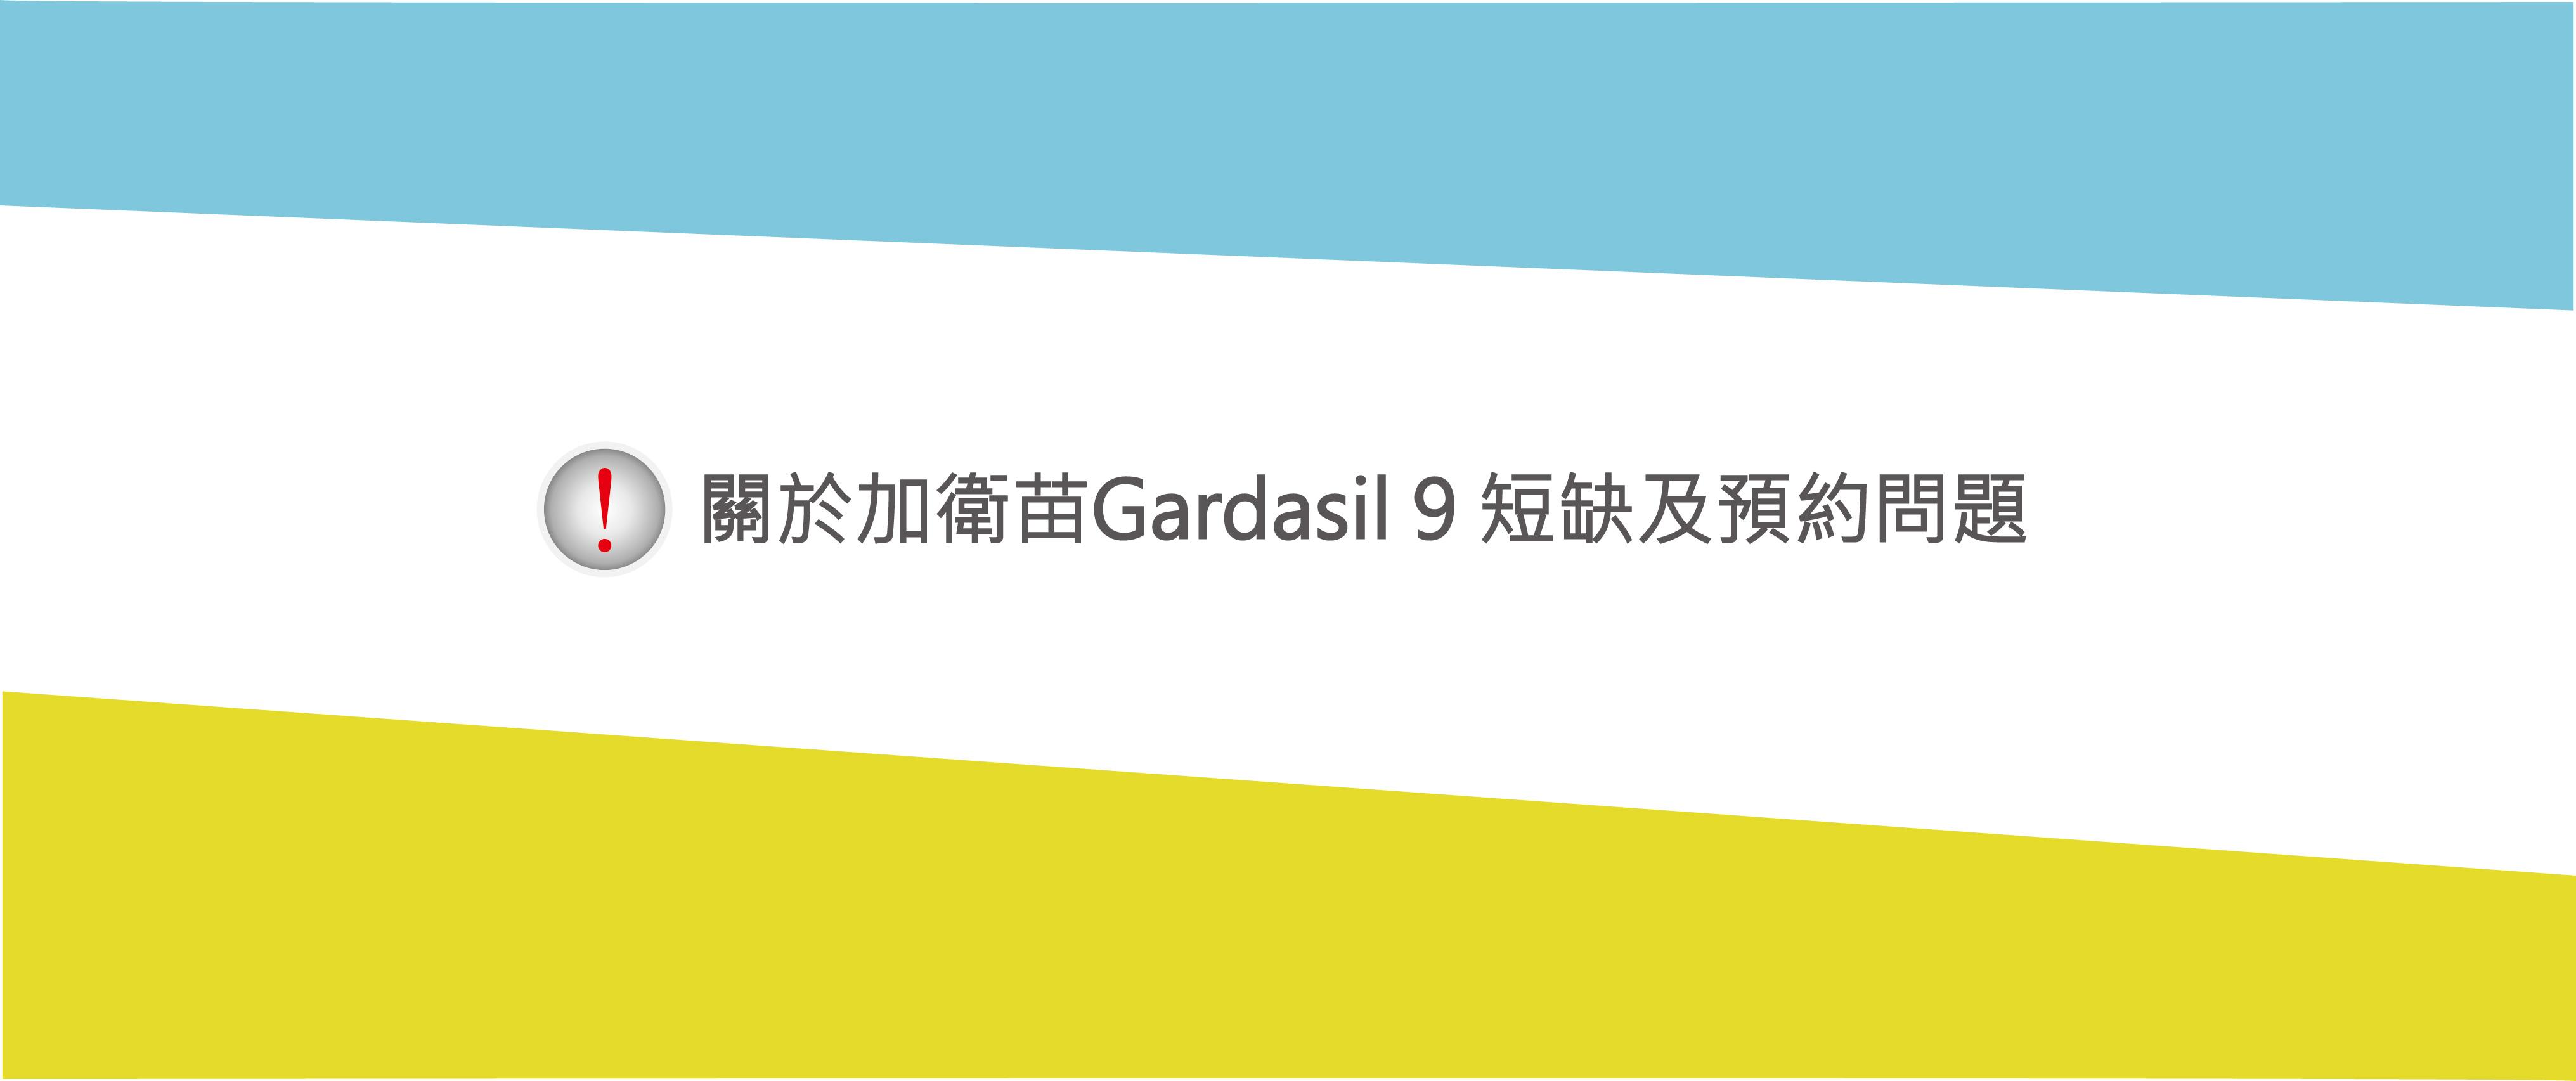 關於加衛苗Gardasil 9短缺及預約問題